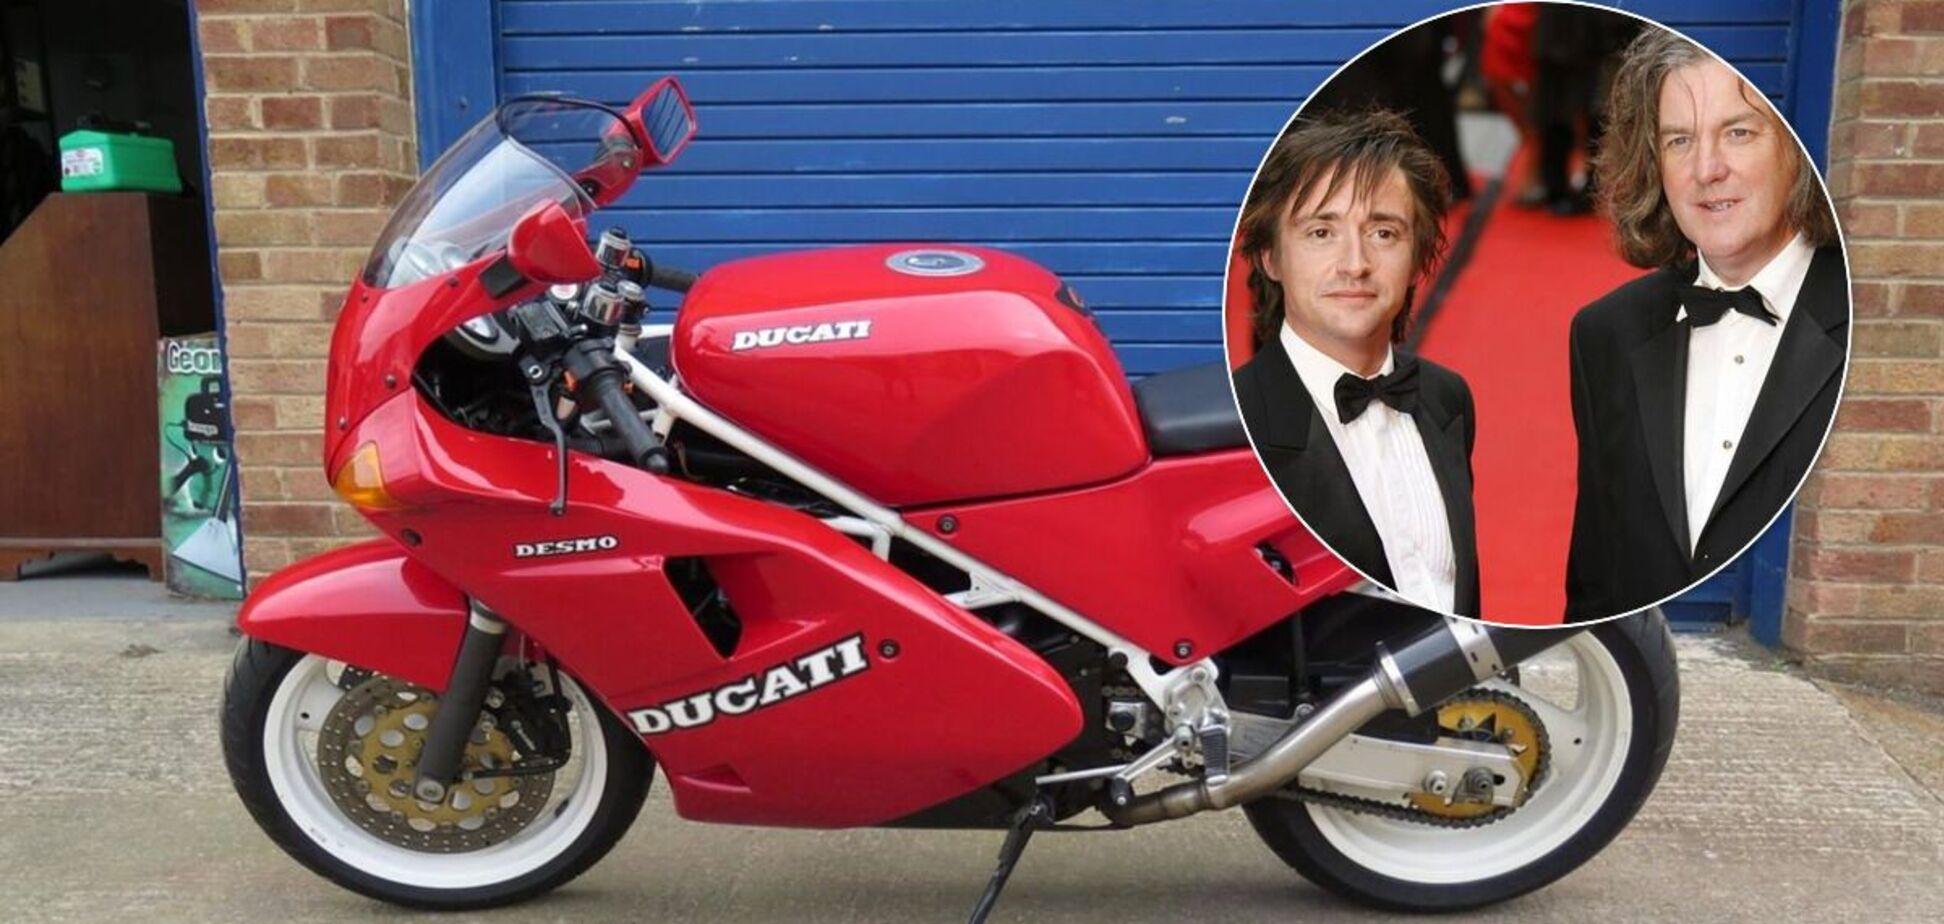 Джеймс Мей і Річард Хаммонд володіли одним і тим самим мотоциклом